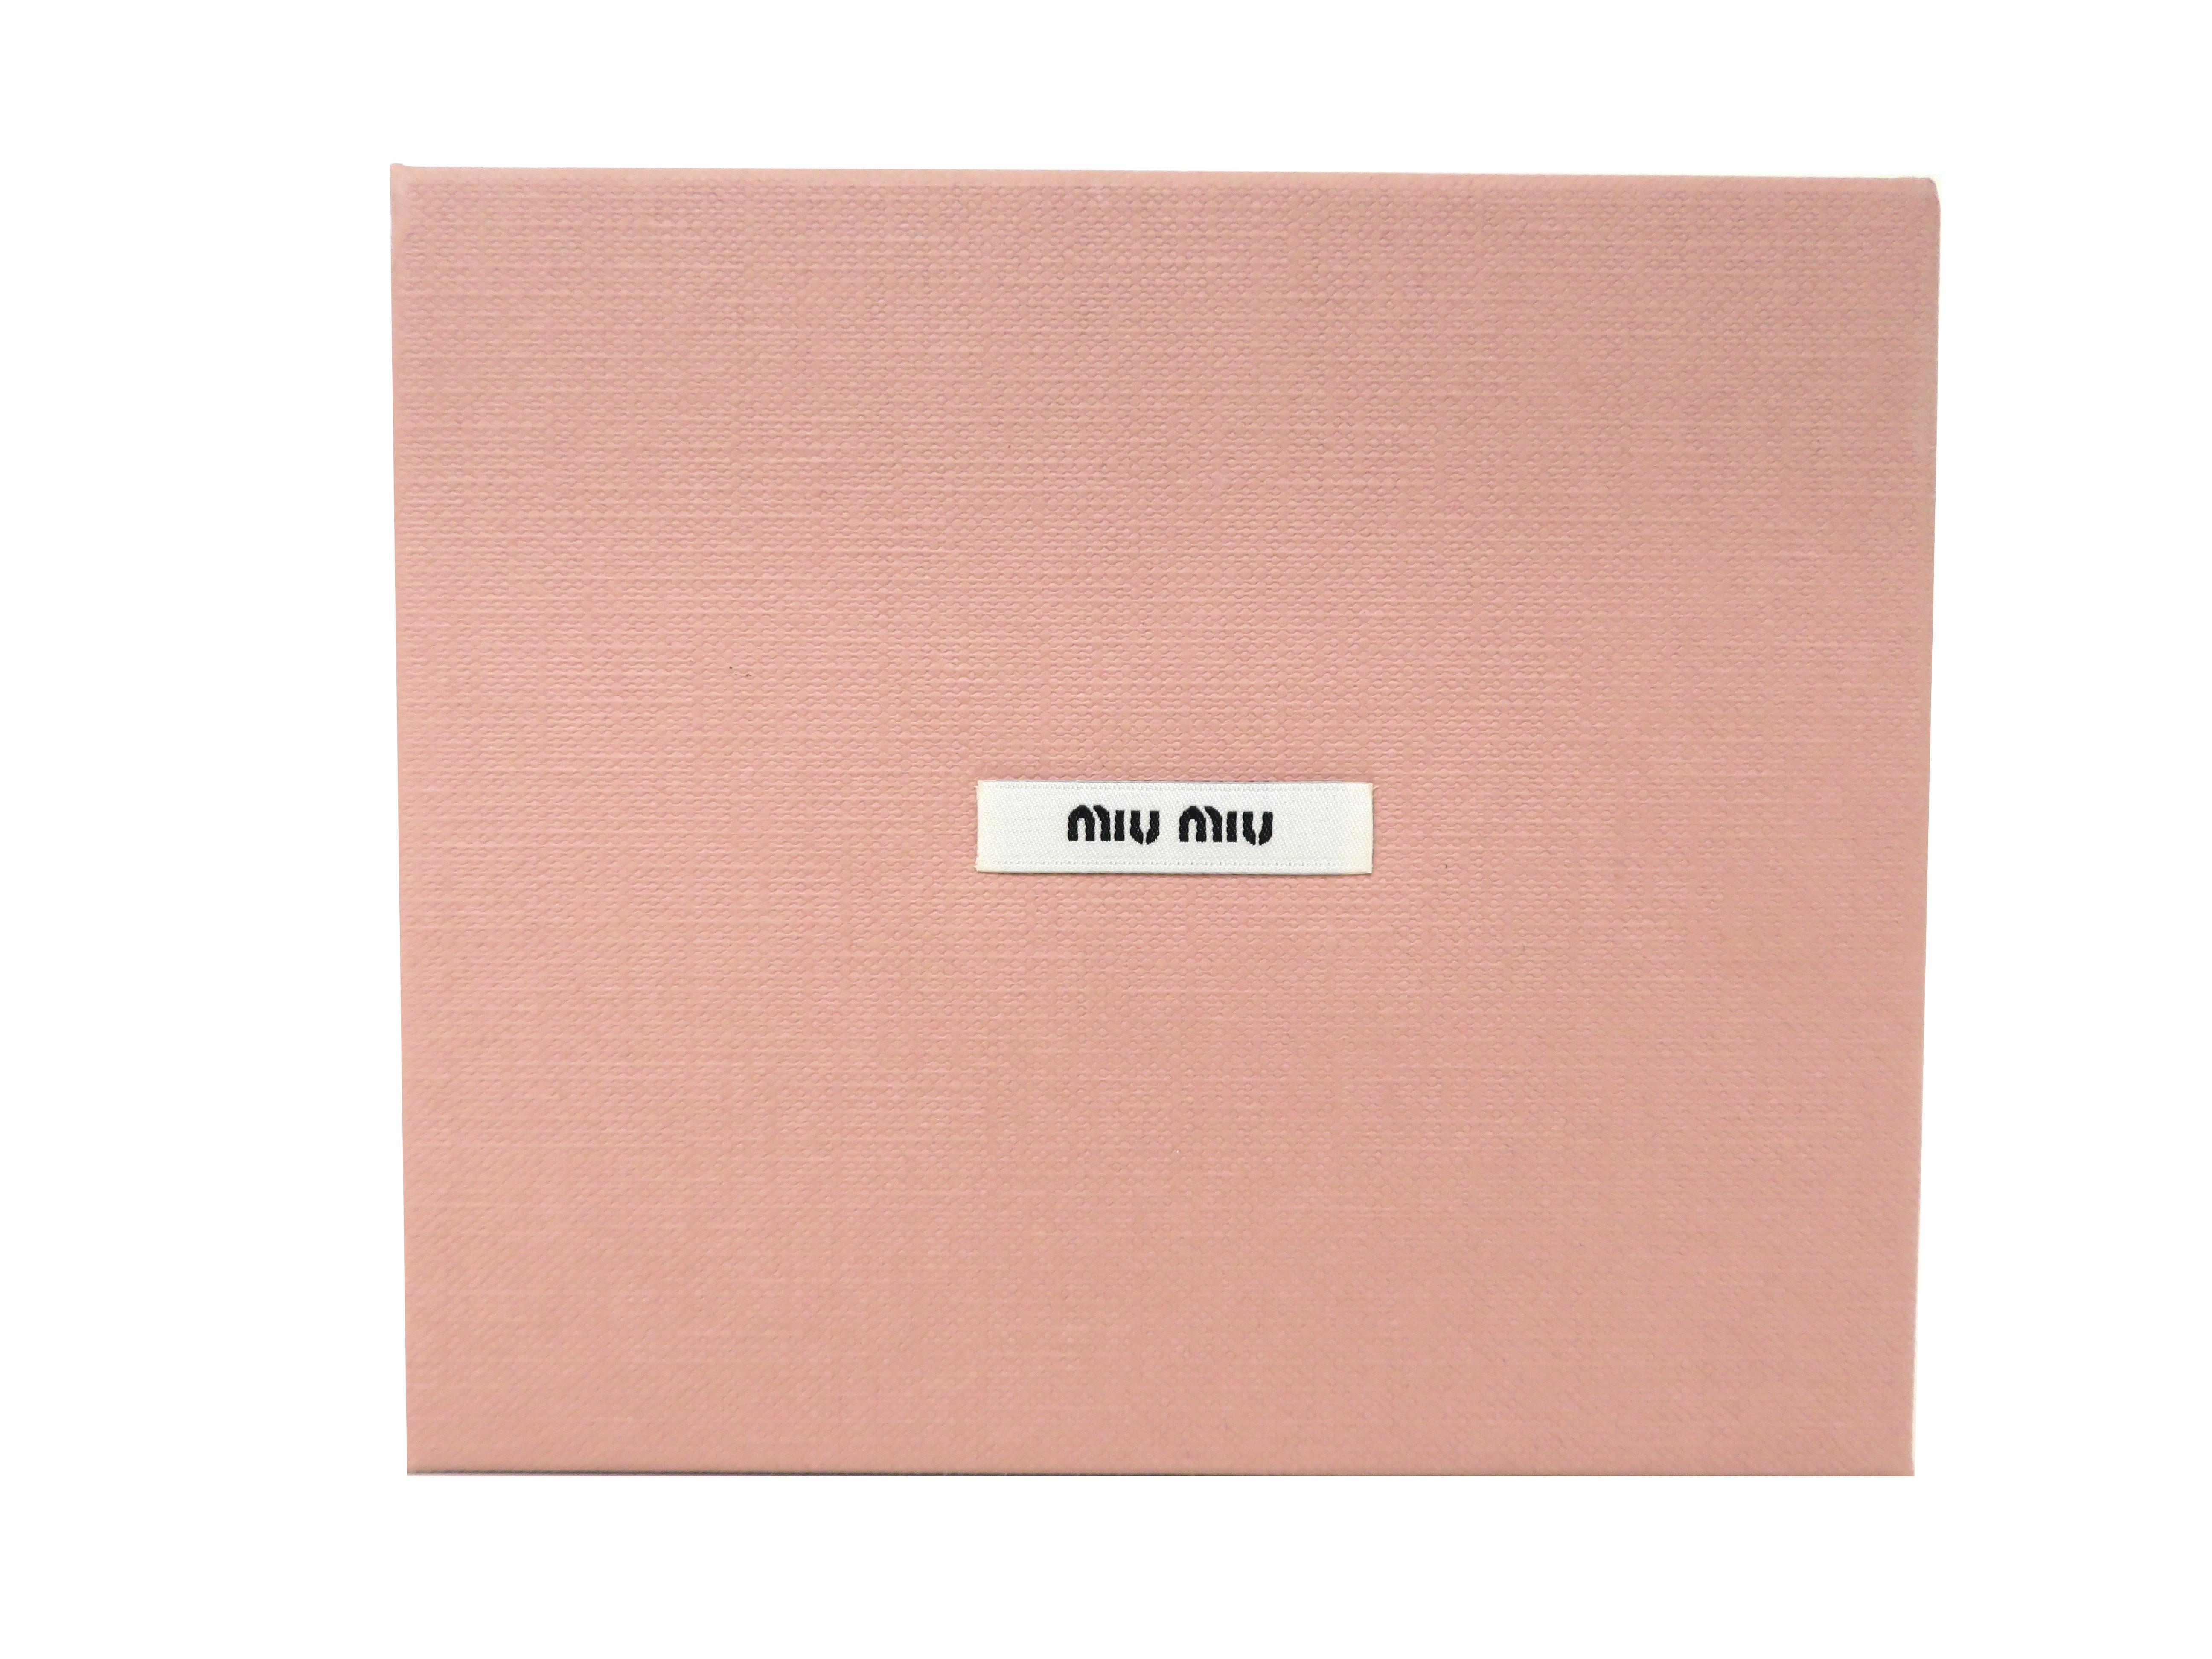 miumiu ミュウミュウ 財布 Wホックコンパクト財布 ブラック ラムスキン 5MH523 【204】 image number 8